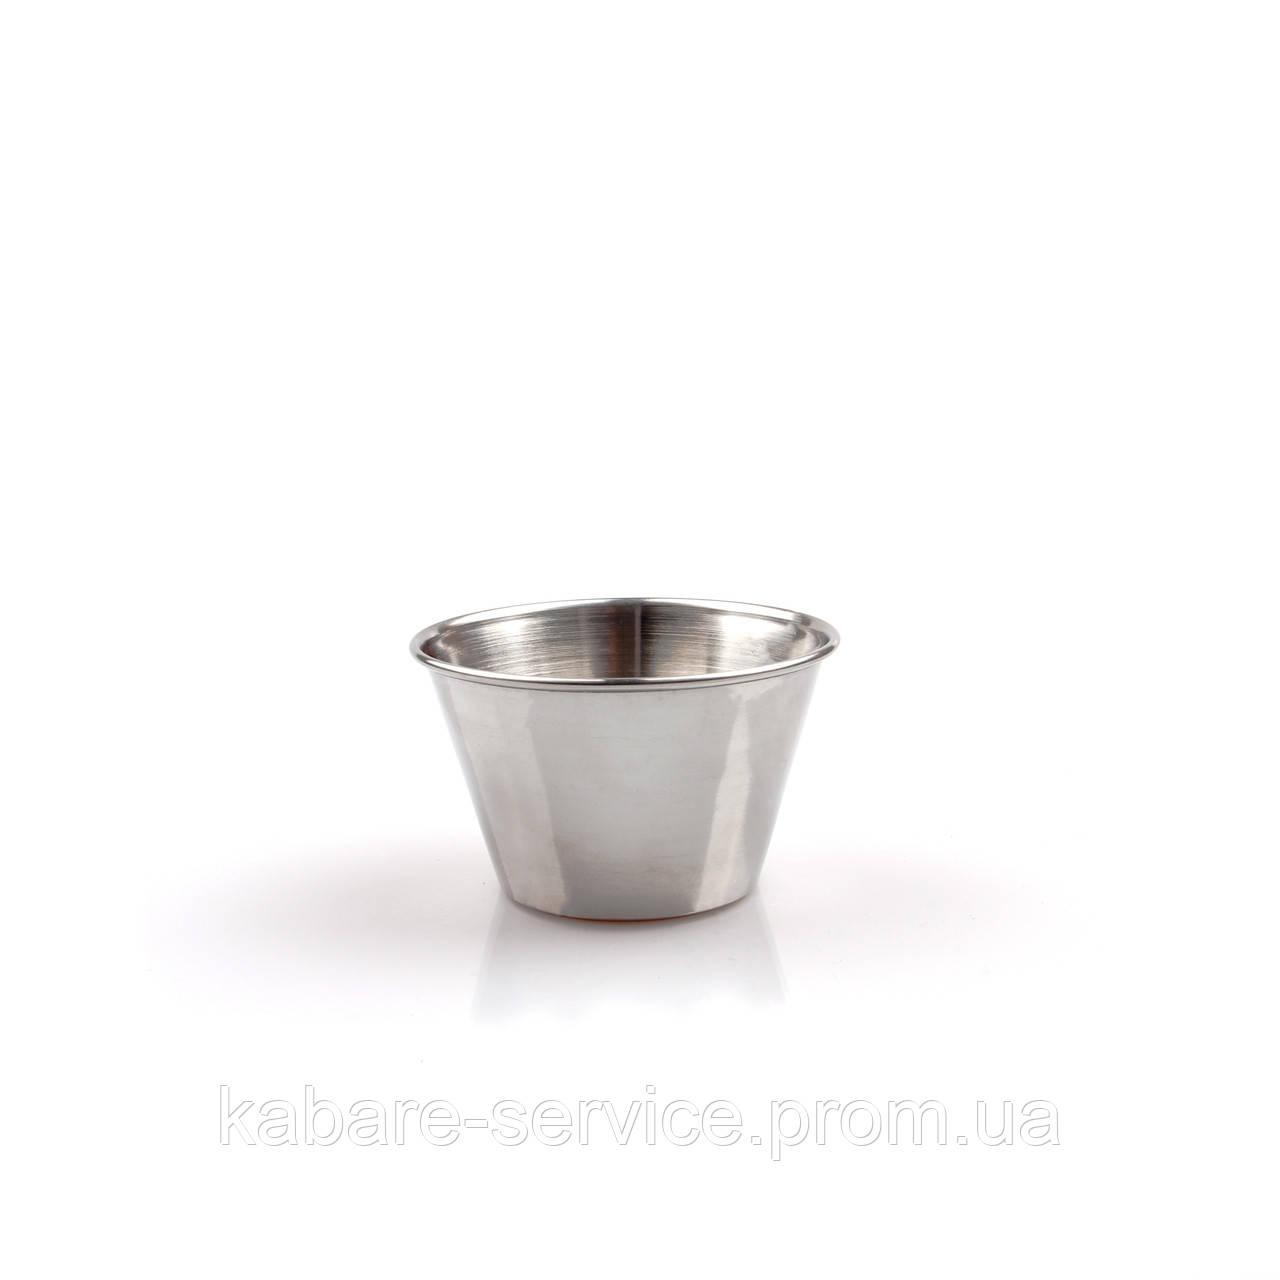 Соусник 75 мл (нержавеющая сталь)